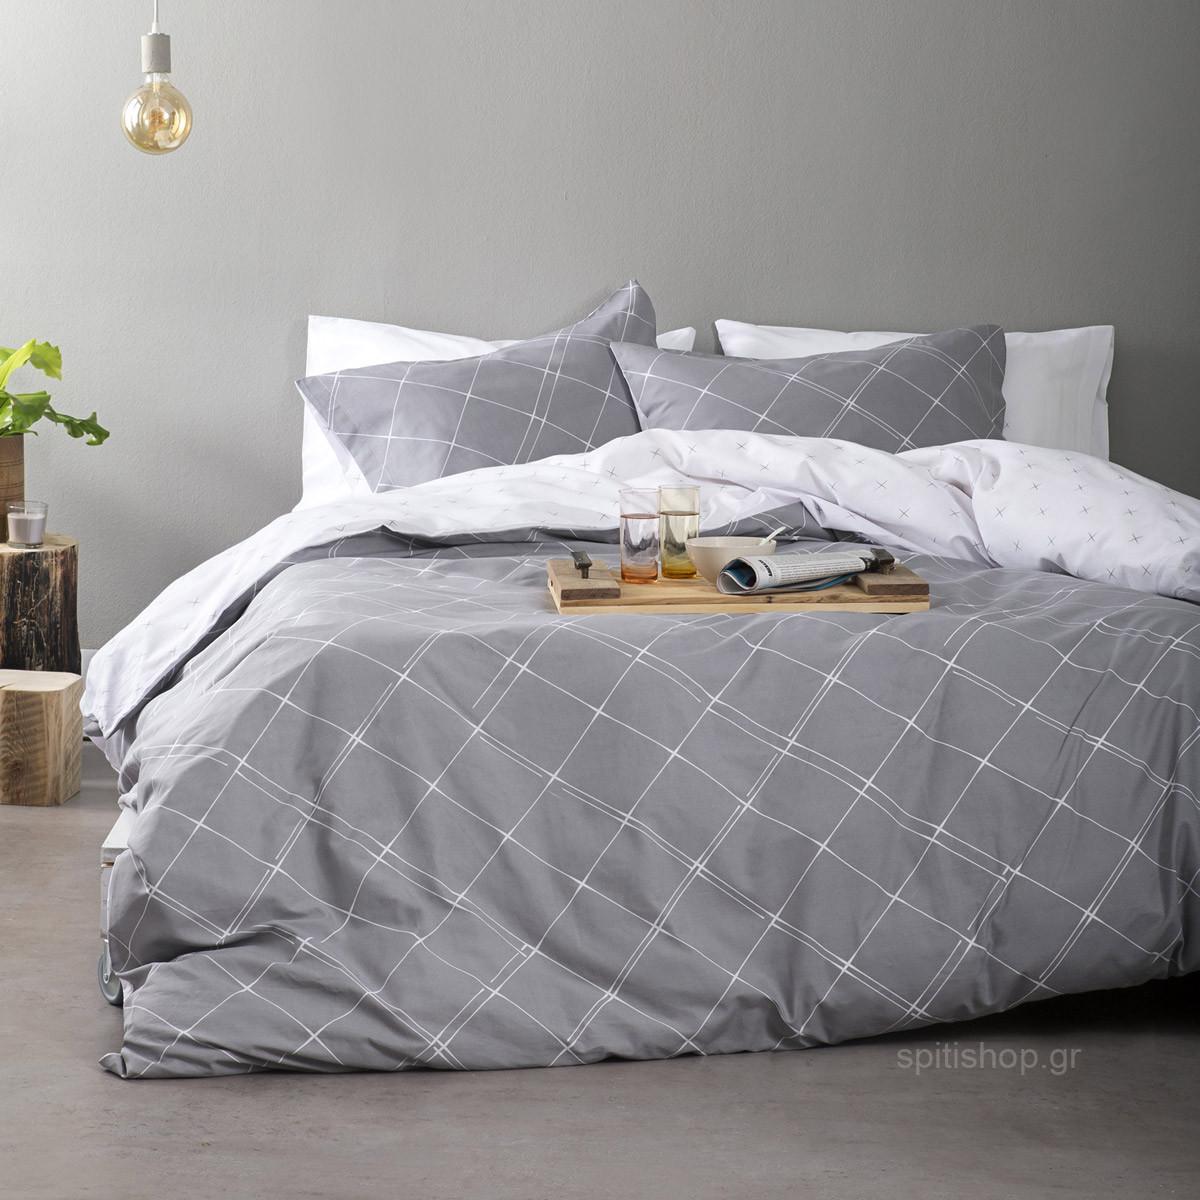 Παπλωματοθήκη Υπέρδιπλη (Σετ) Nima Bed Linen Azzora Grey